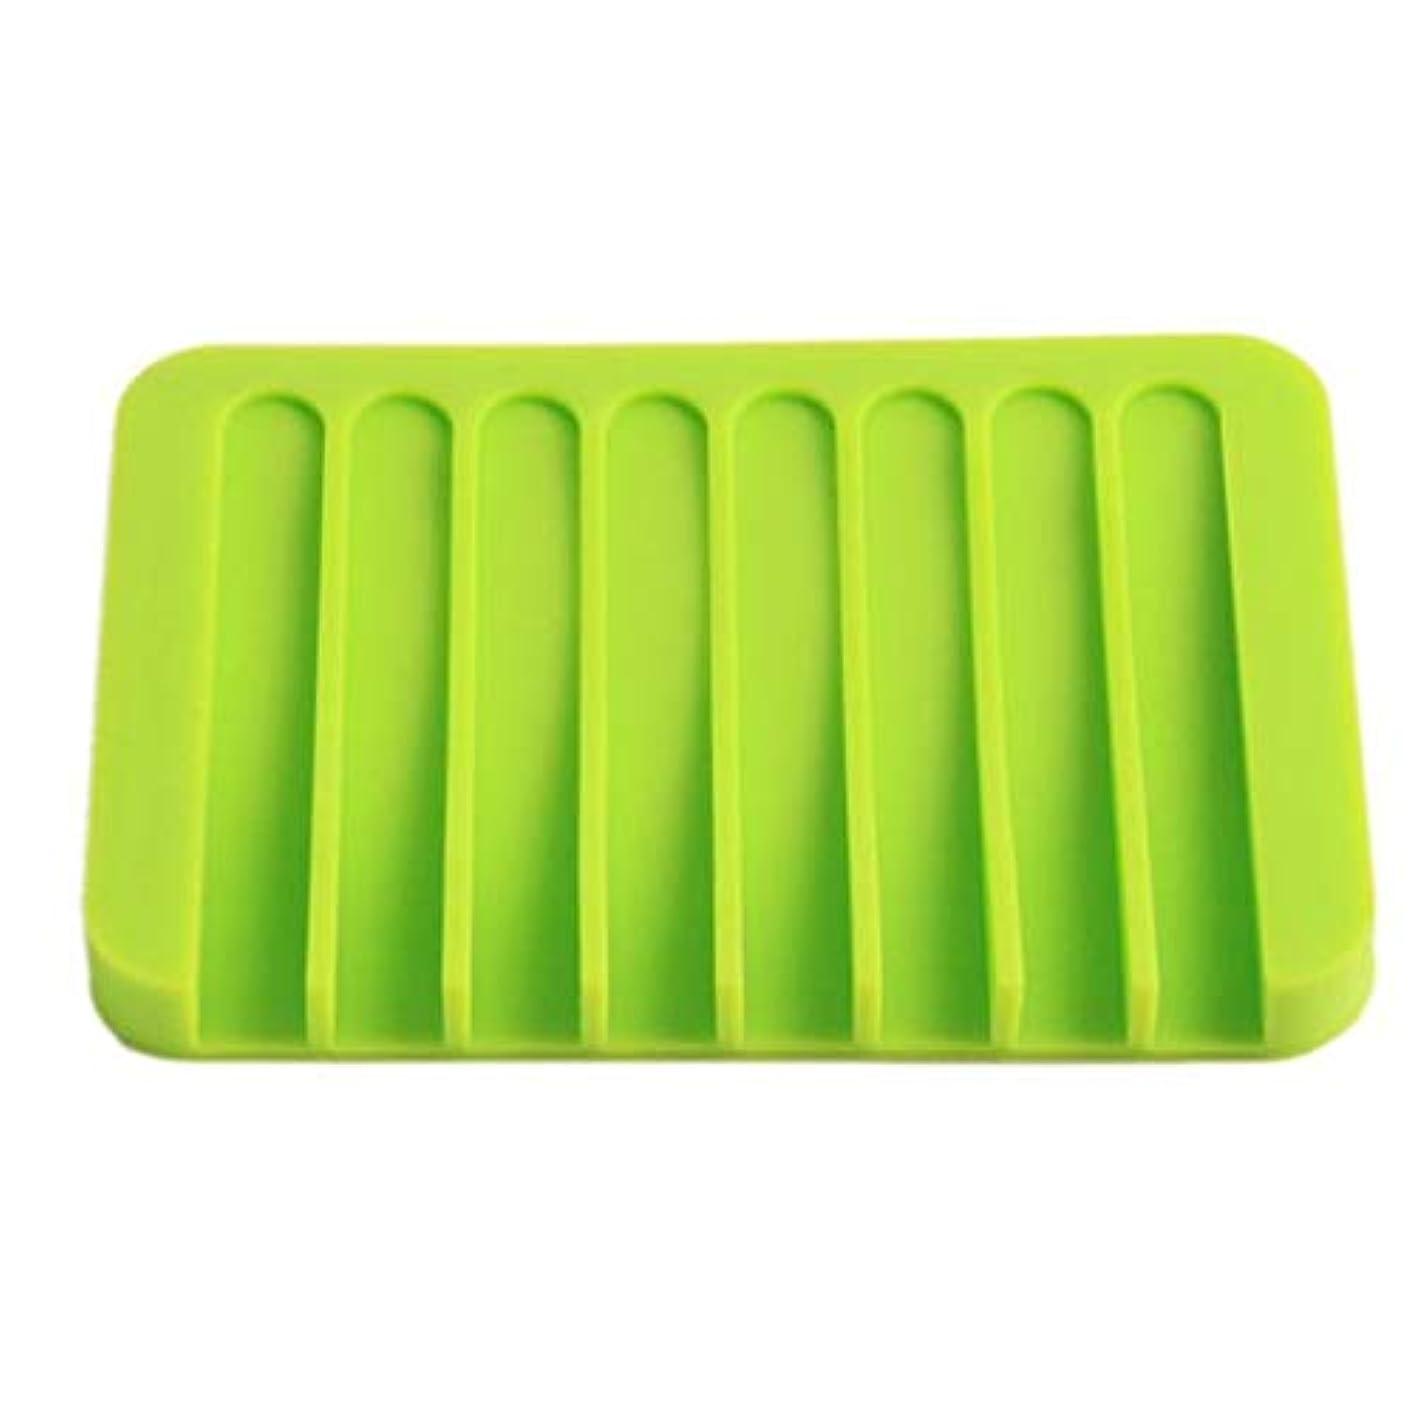 ドリンク最高勧めるOnior プレミアム品質のシリコーン浴室柔軟な石鹸皿ソープホルダー収納ソープボックスプレートトレイ排水、グリーン